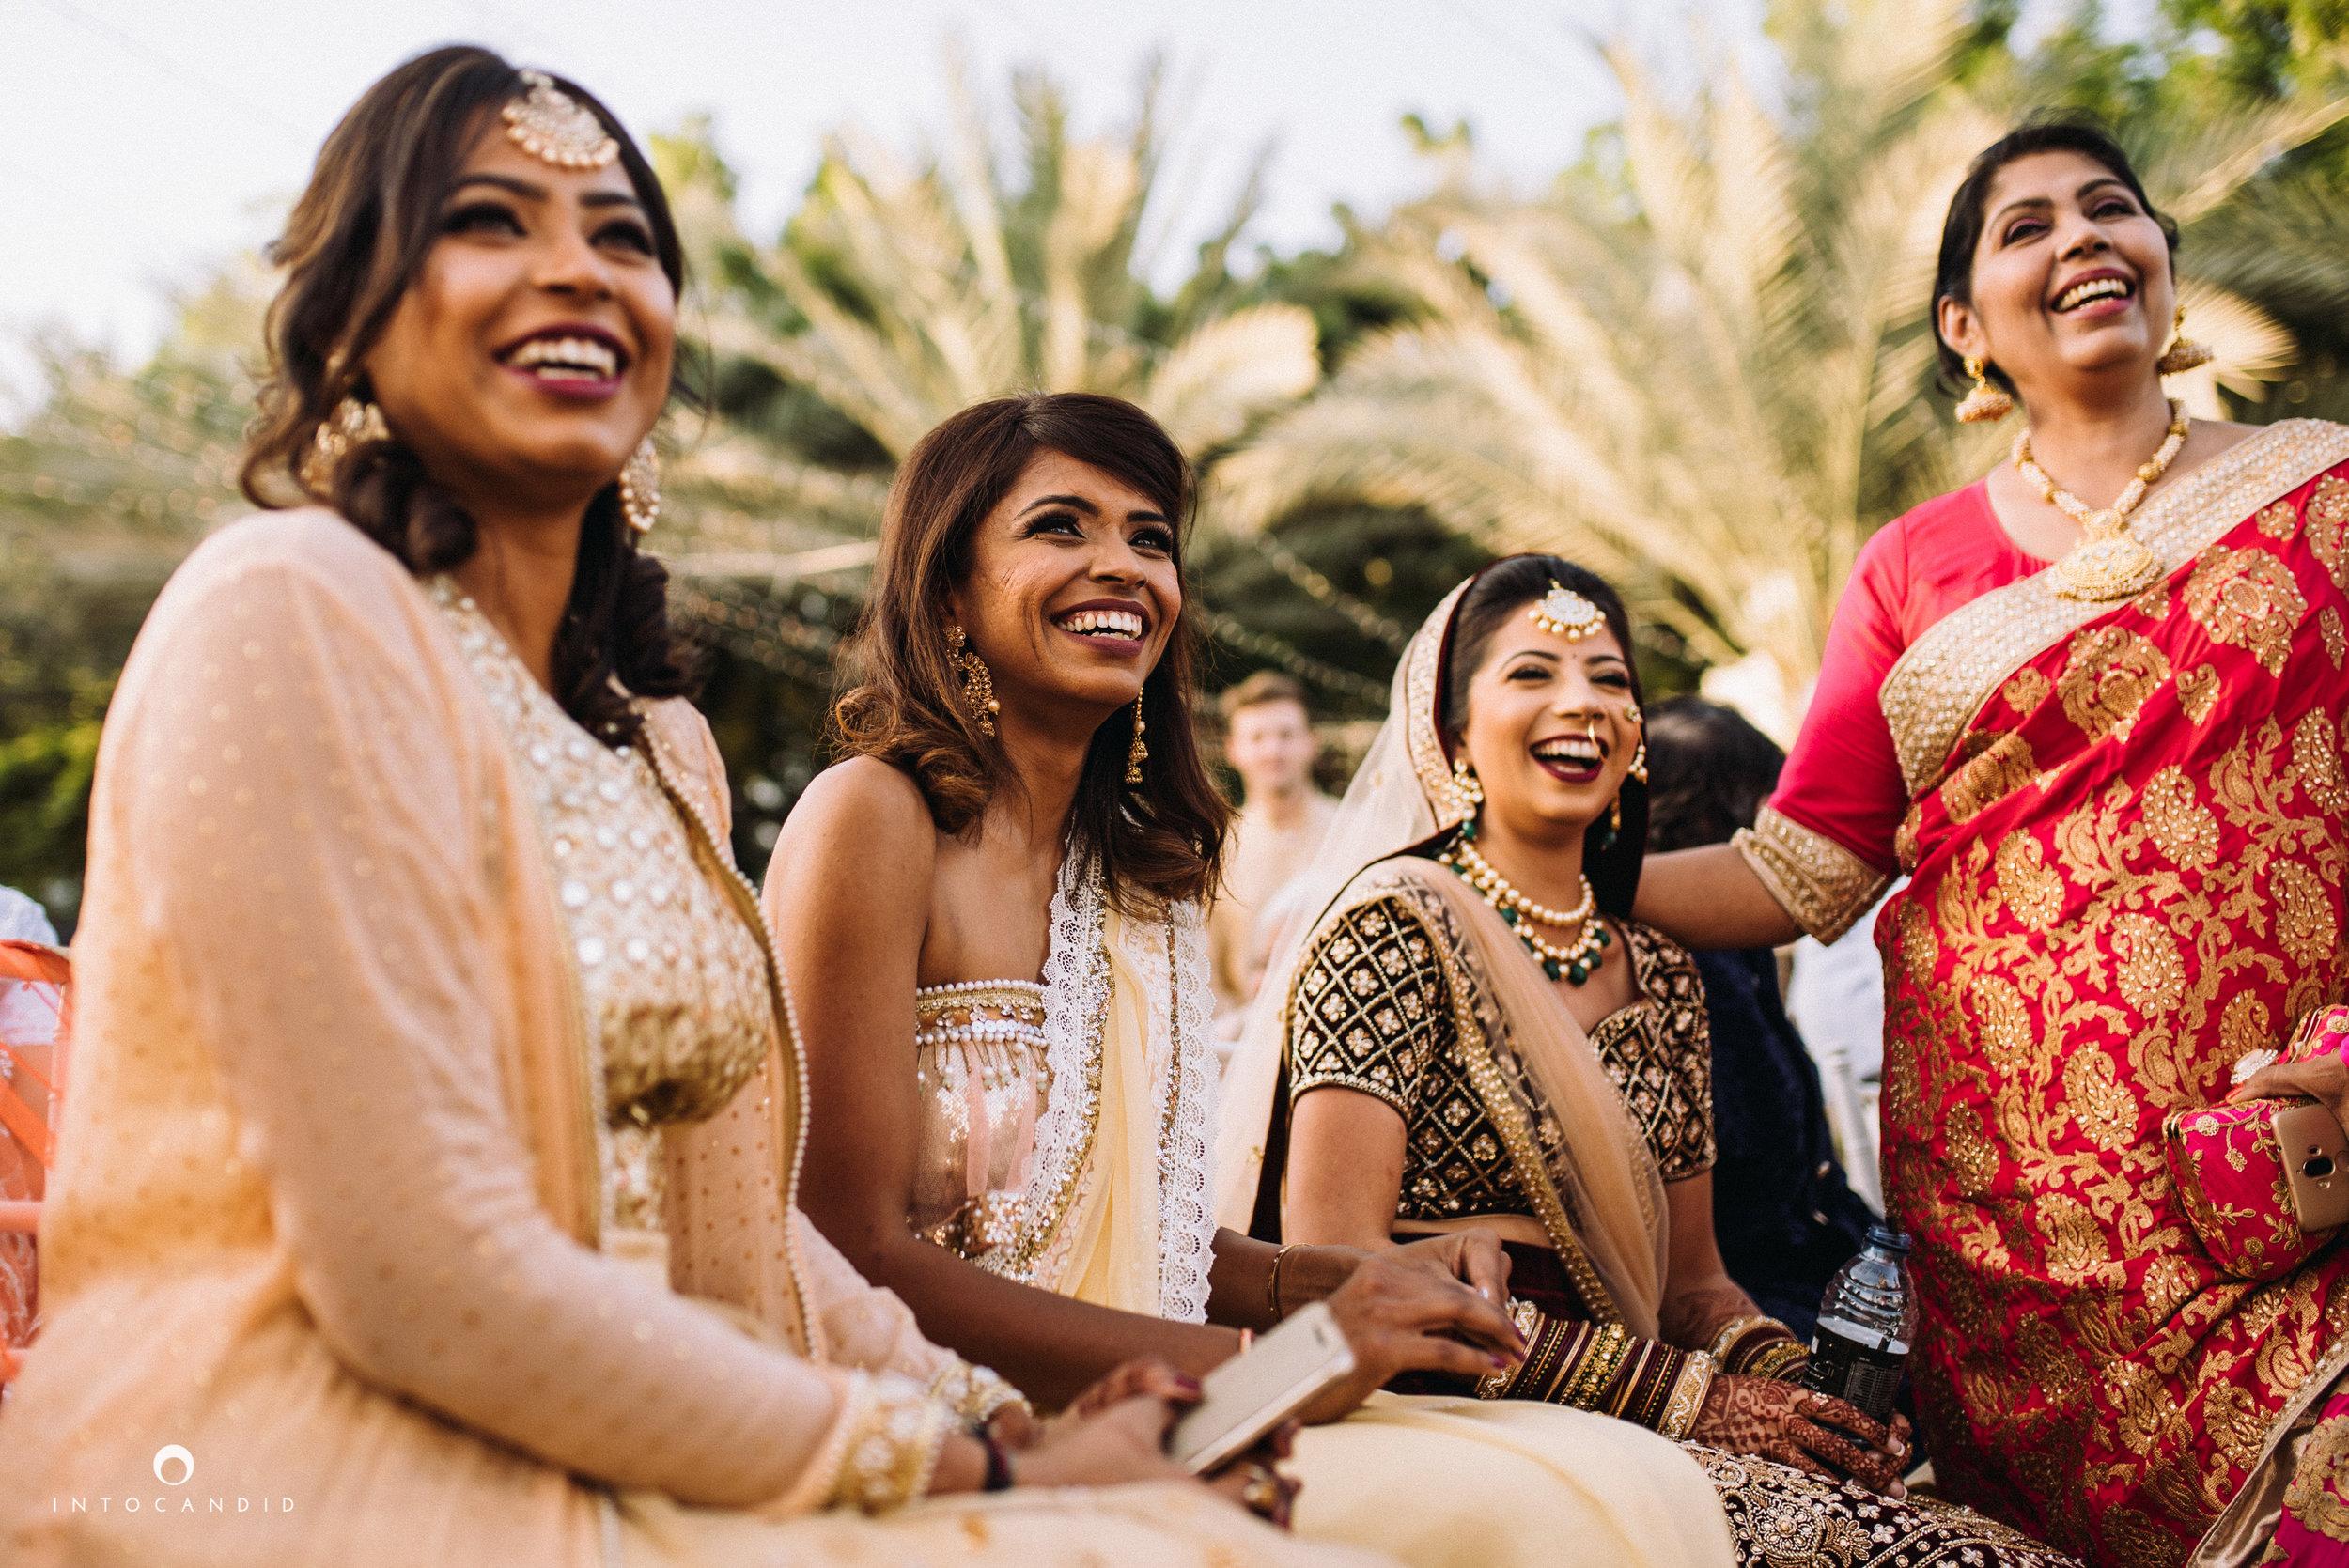 Dubai_Wedding_Photographer_35.JPG